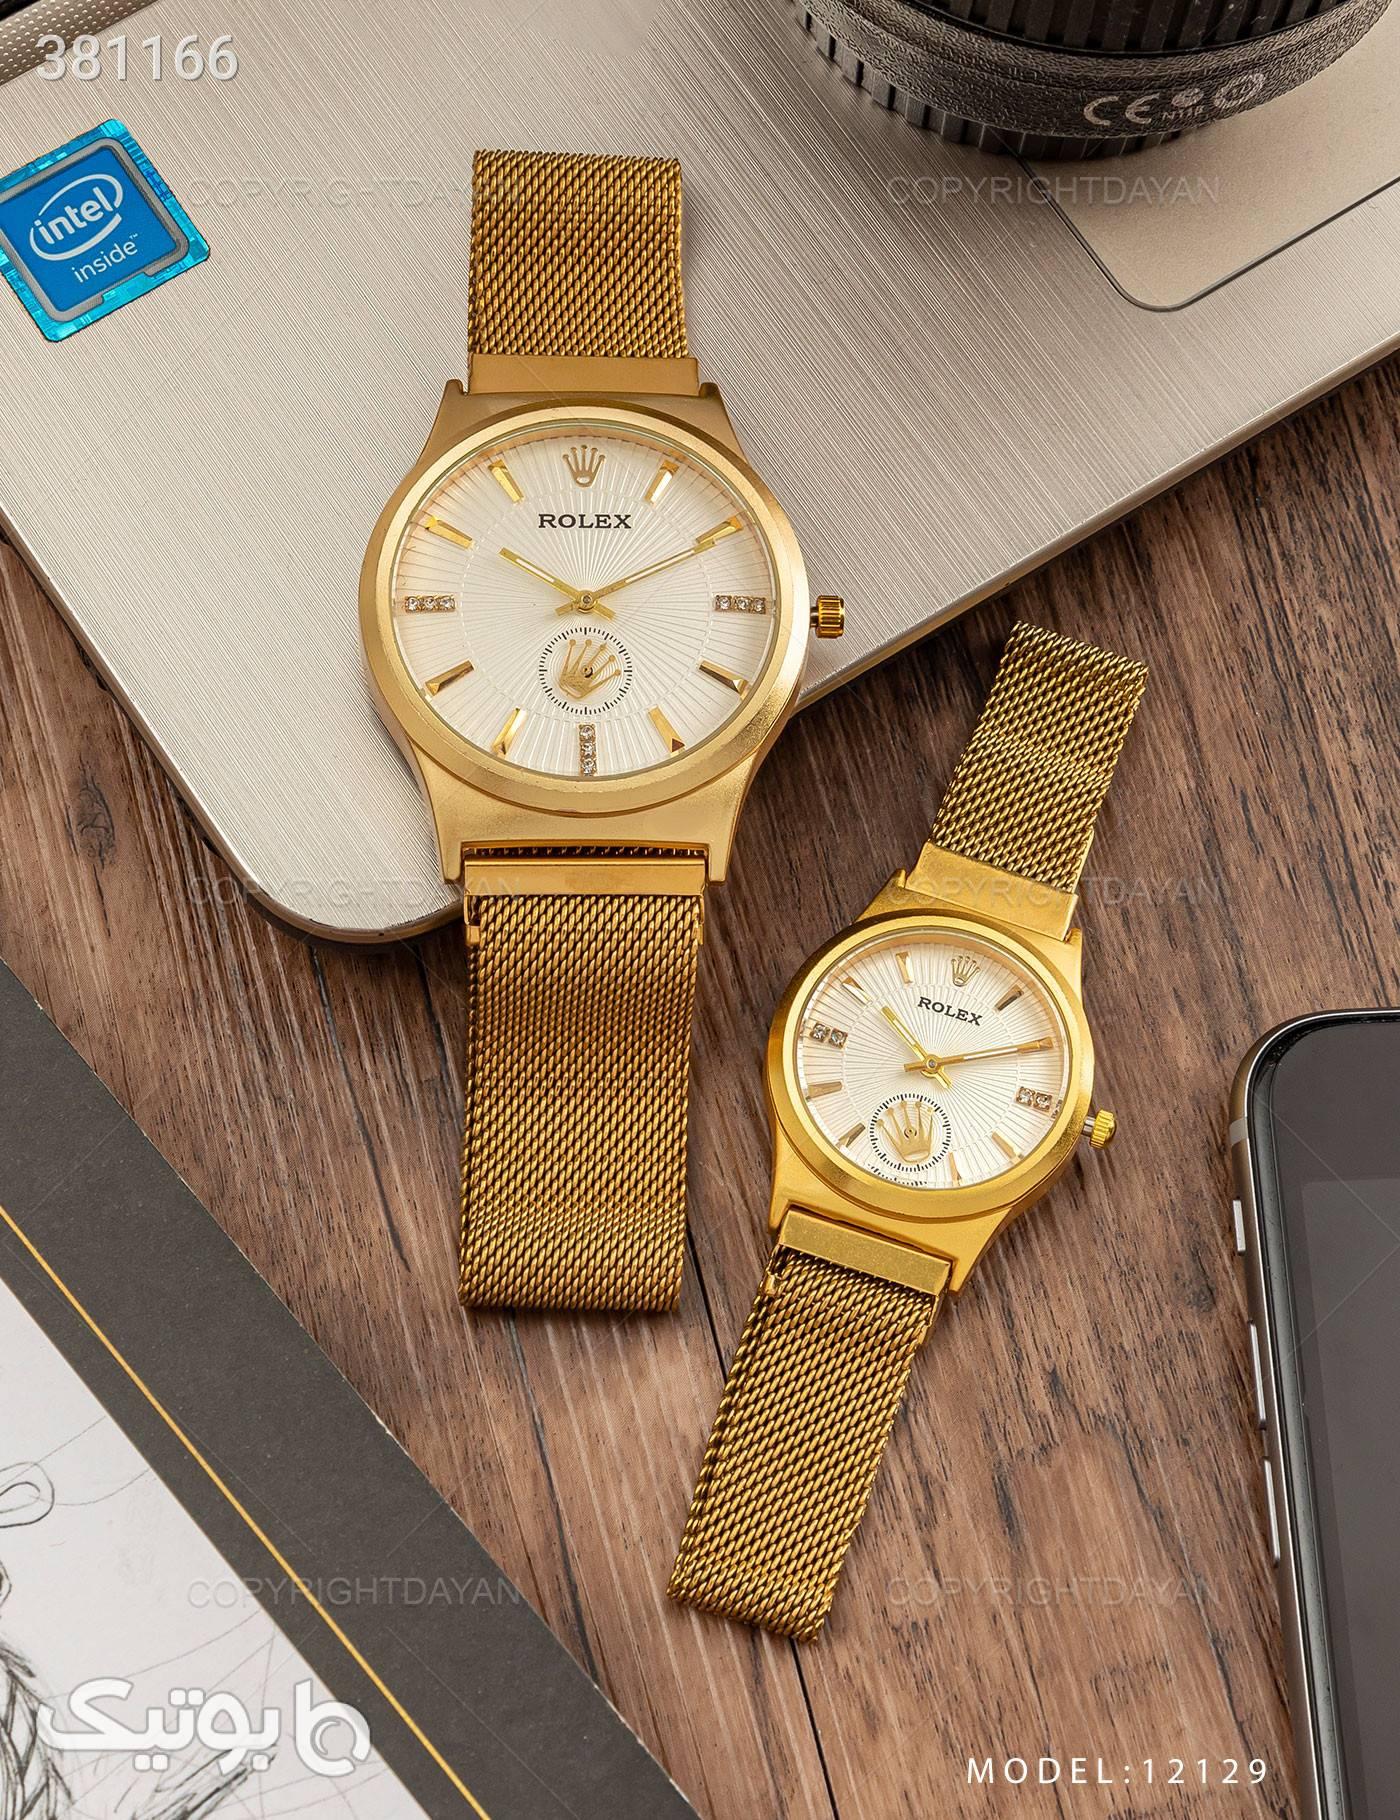 ست ساعت مچی Rolex مدل 12129 طلایی ساعت